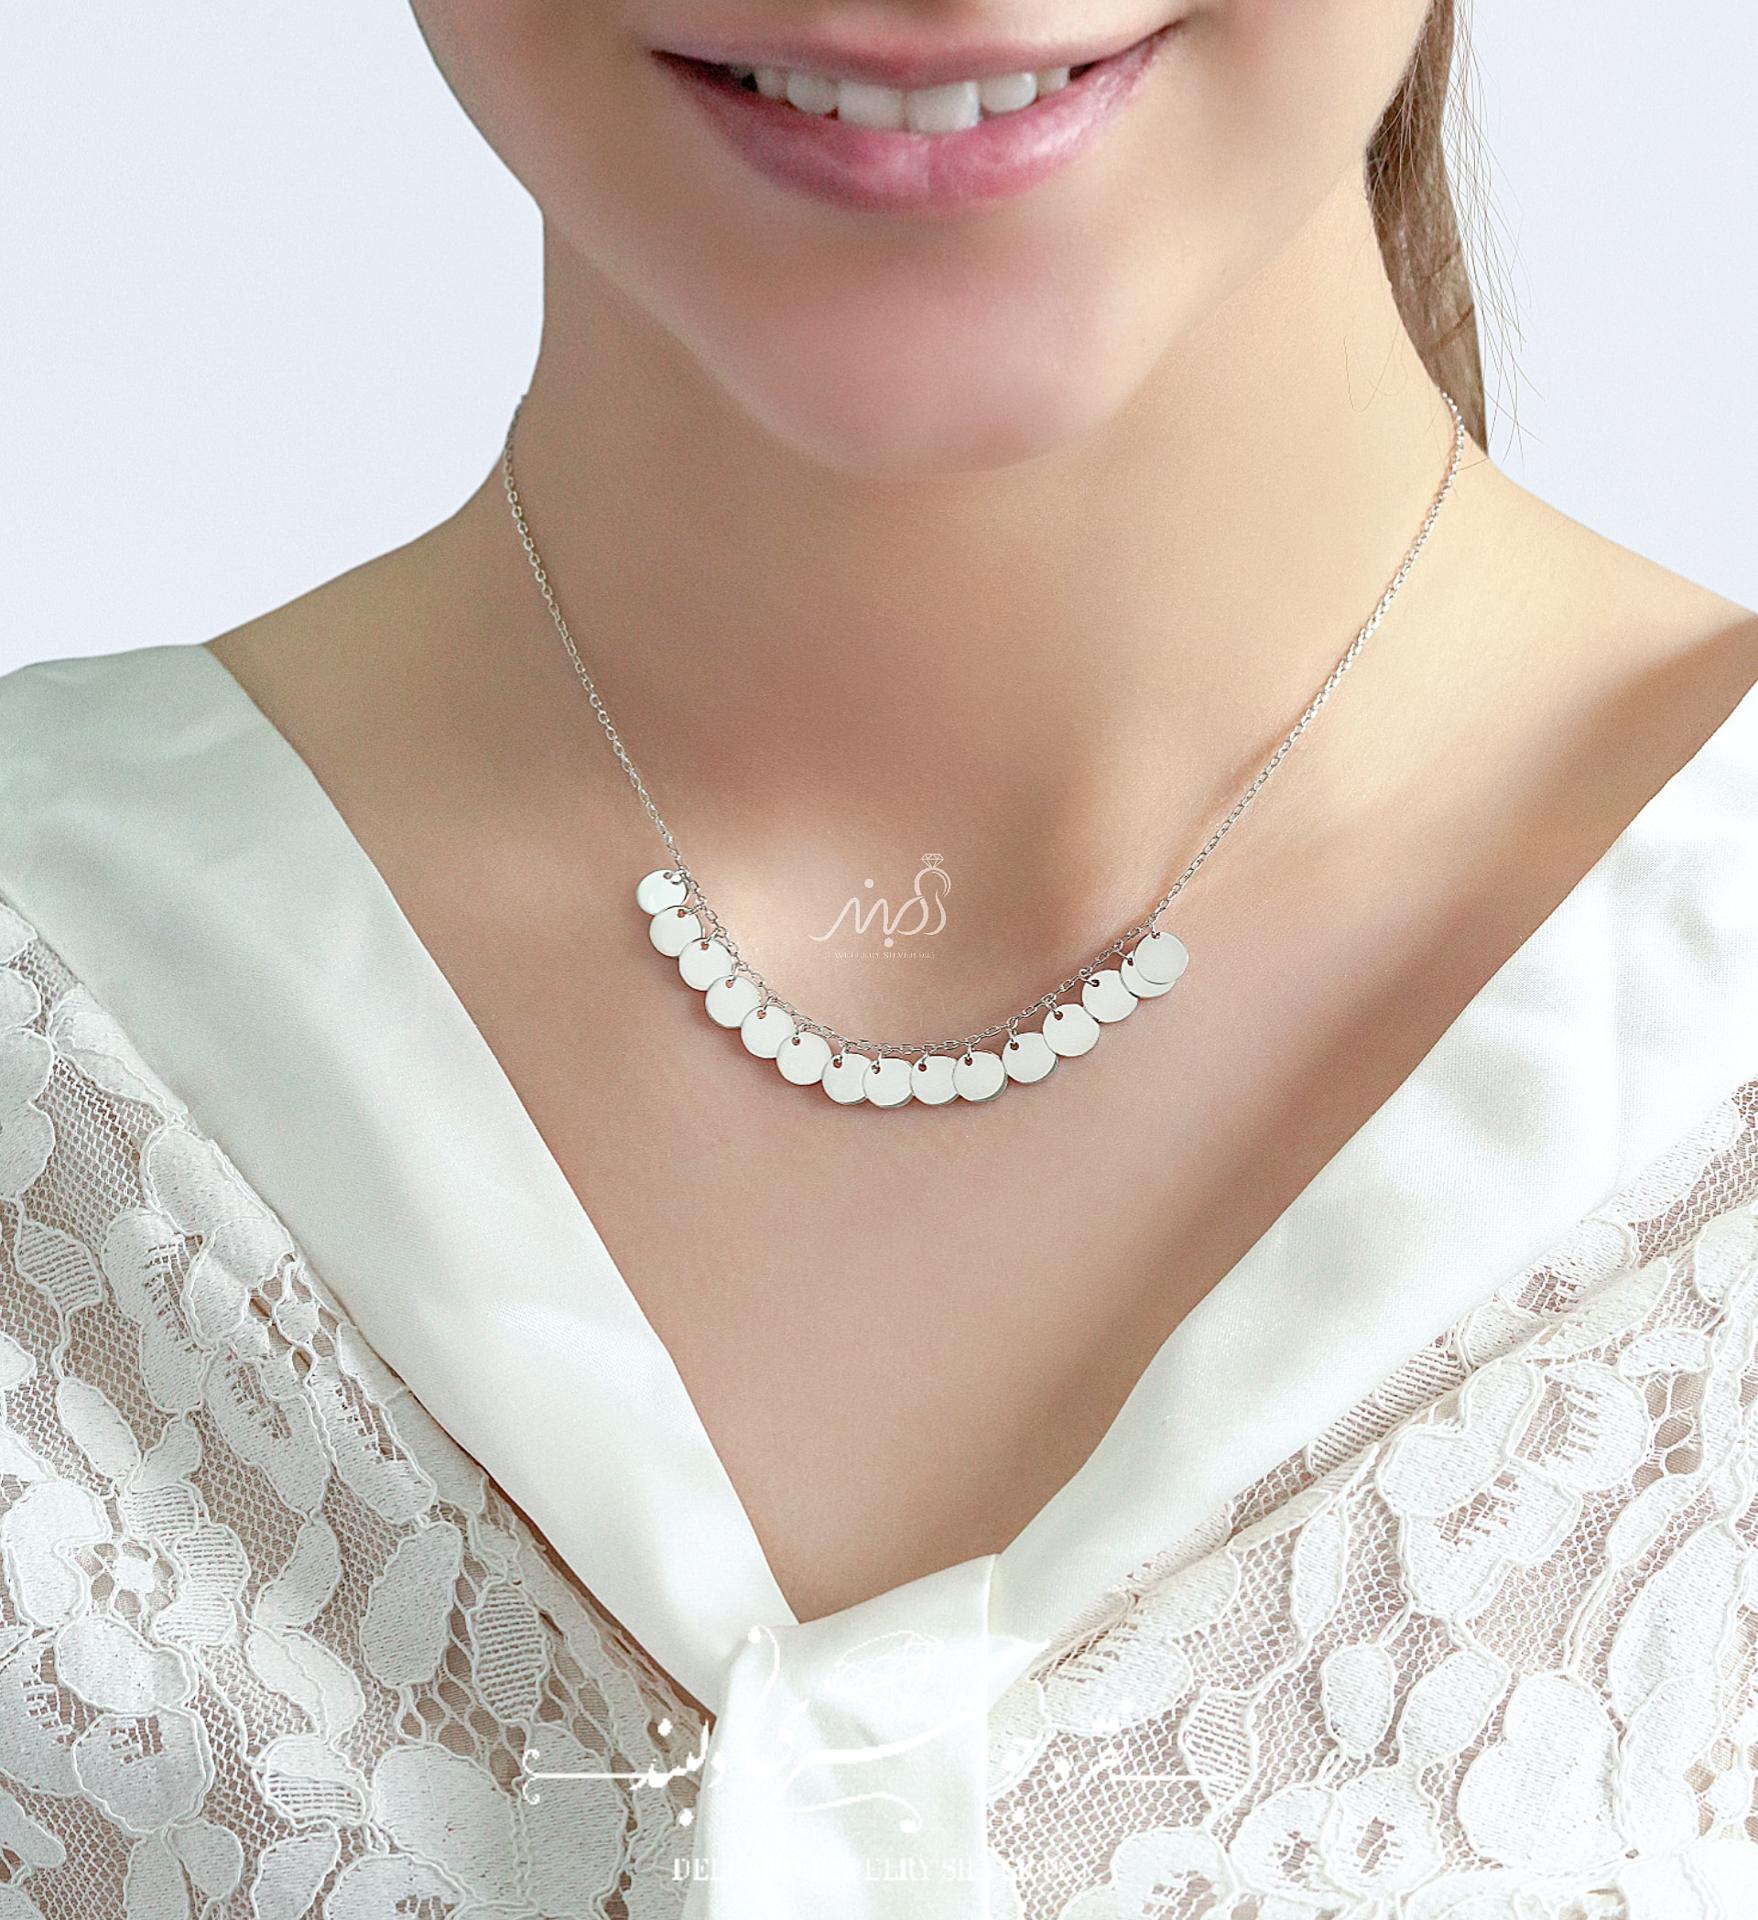 💍گردنبند طرح جواهر پرطرفدار سکه ای ؛ با طراحی زیبا نقره عیار ۹۲۵ با روکش طلا سفید(G_3065)